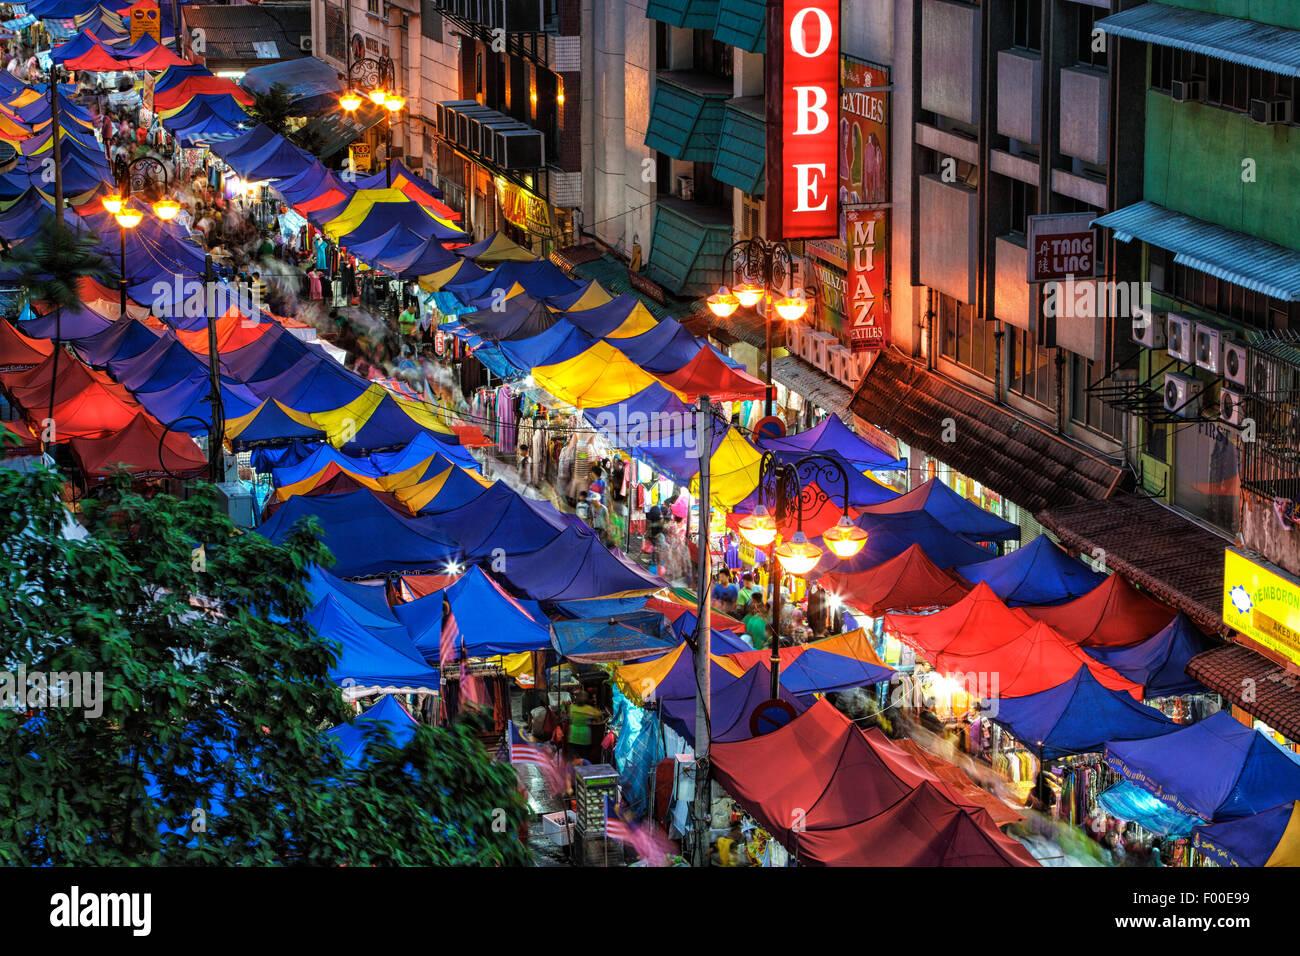 El mercado nocturno de Kuala Lumpur durante el mes de Ramadán. Imagen De Stock